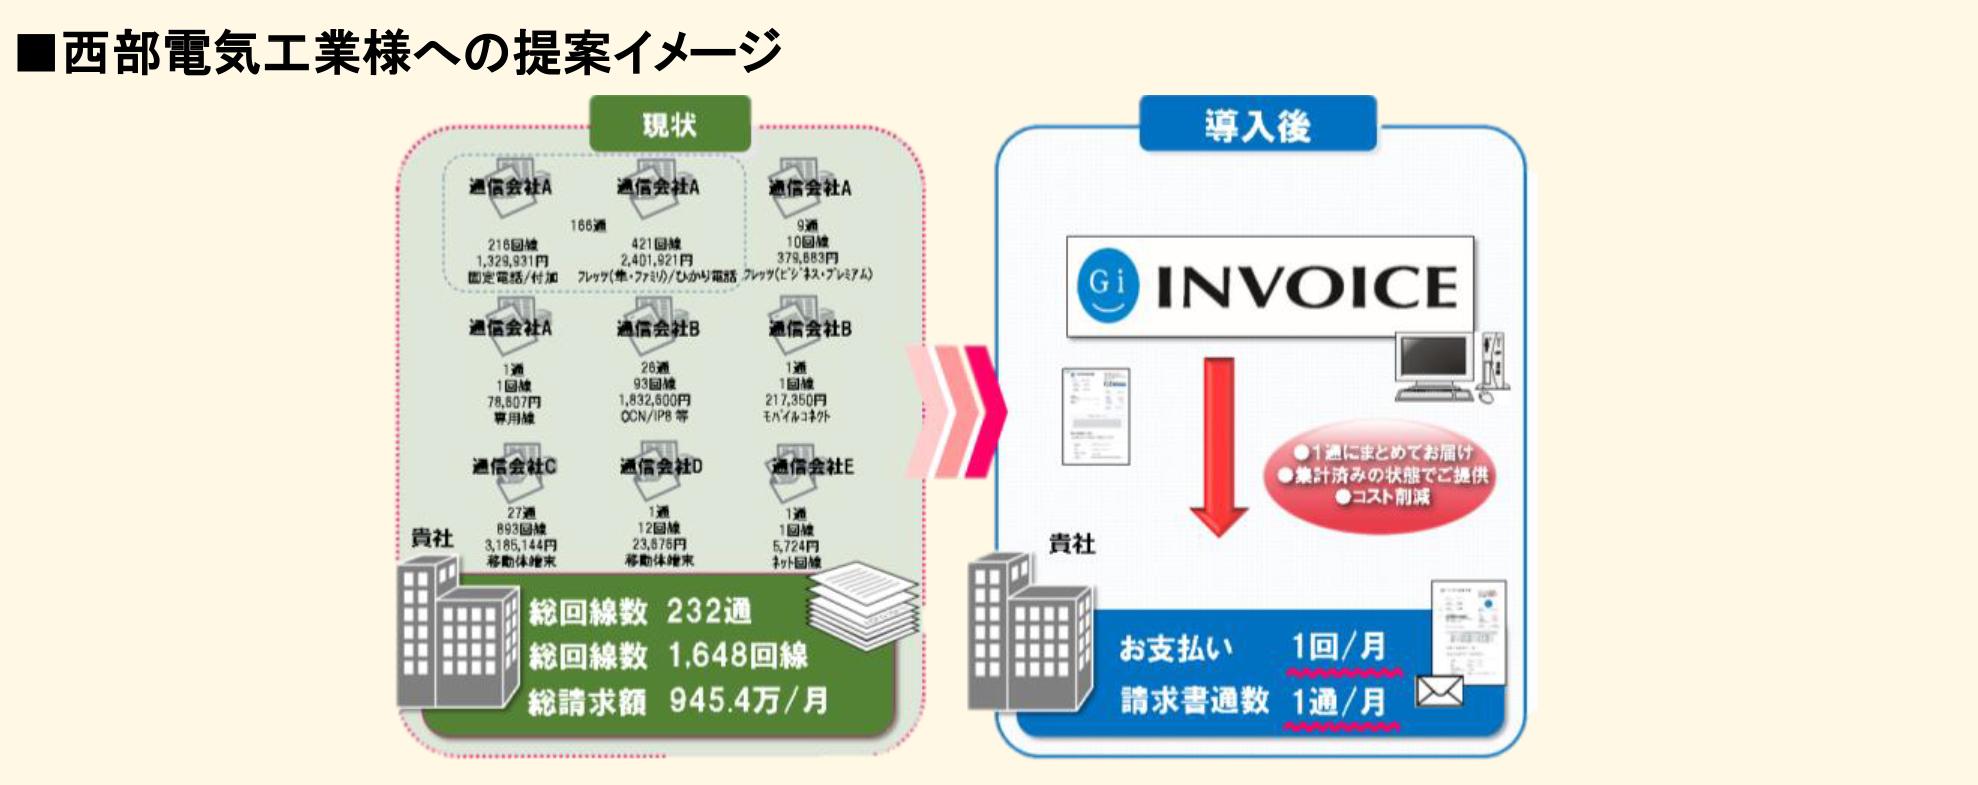 【導入事例】西部電気工業株式会社3.jpg